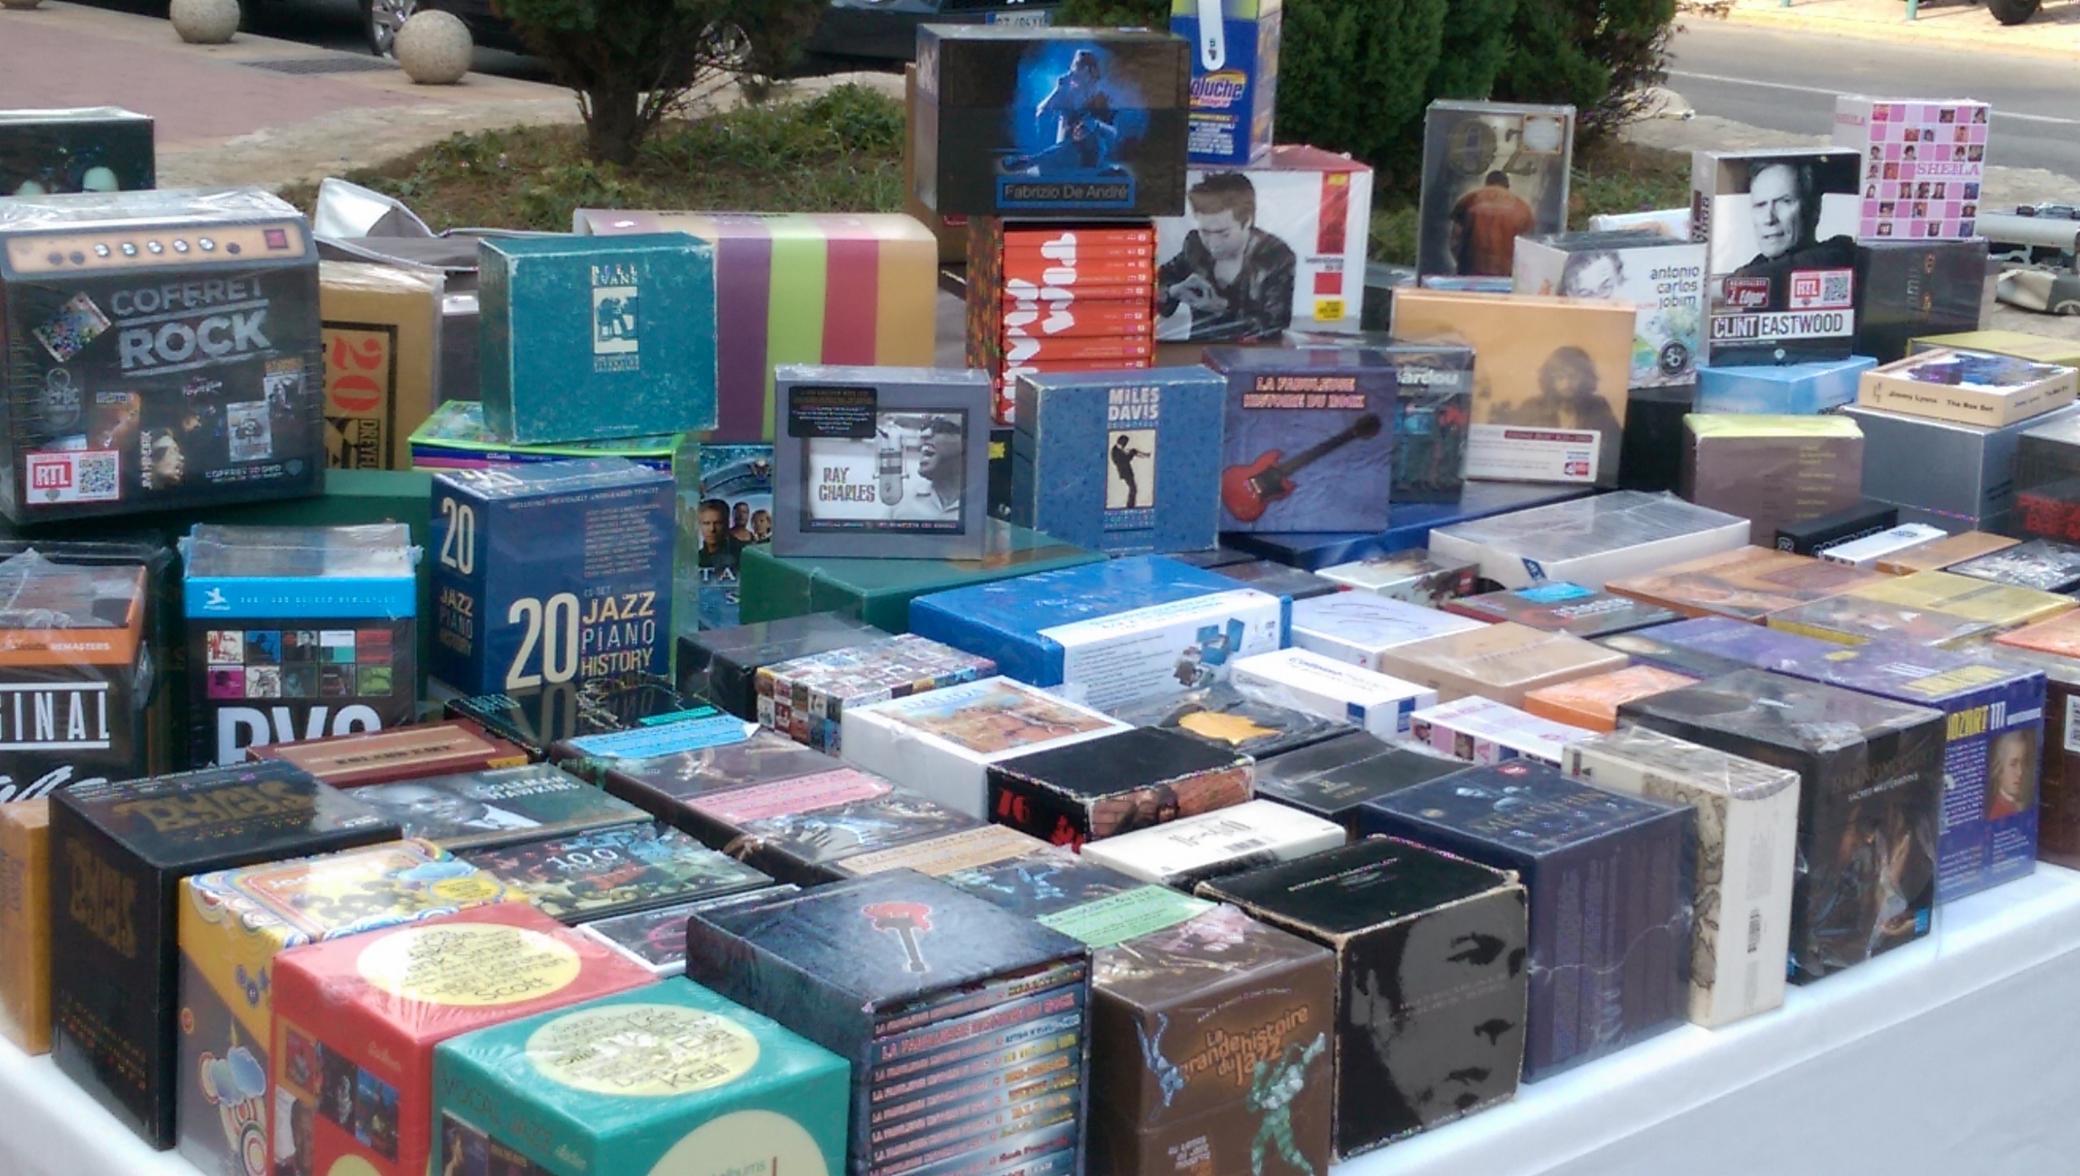 9 achat et vente de CD/DVD/VINYLES etc achat-vente CD/DVD/BD/Vinyles achat et vente de CD/DVD/VINYLES etc